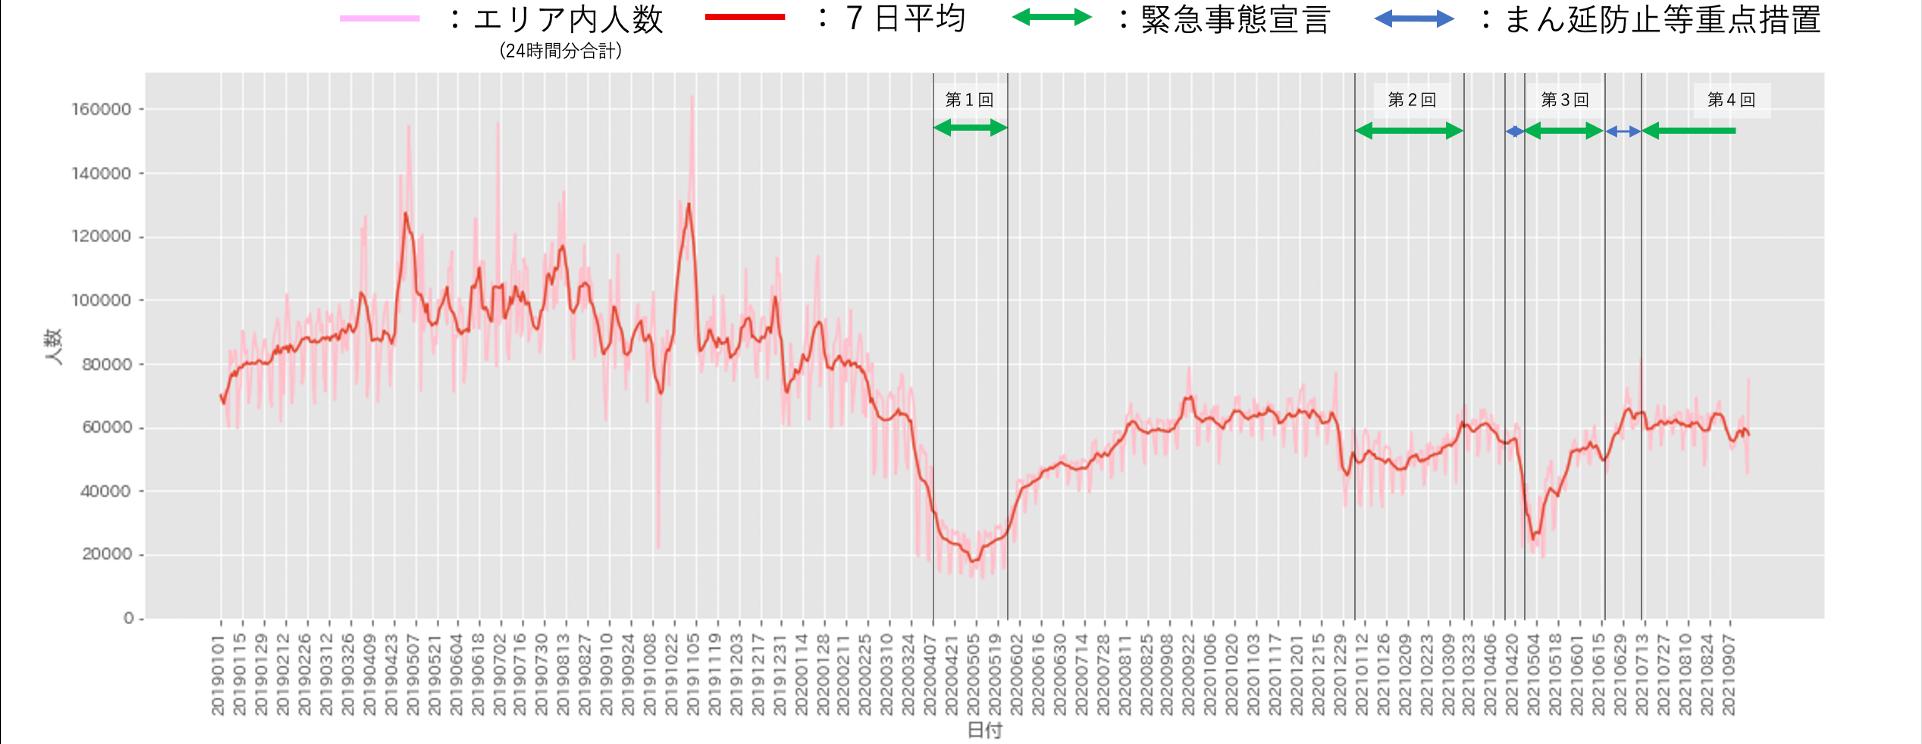 東京 お台場東京テレポート